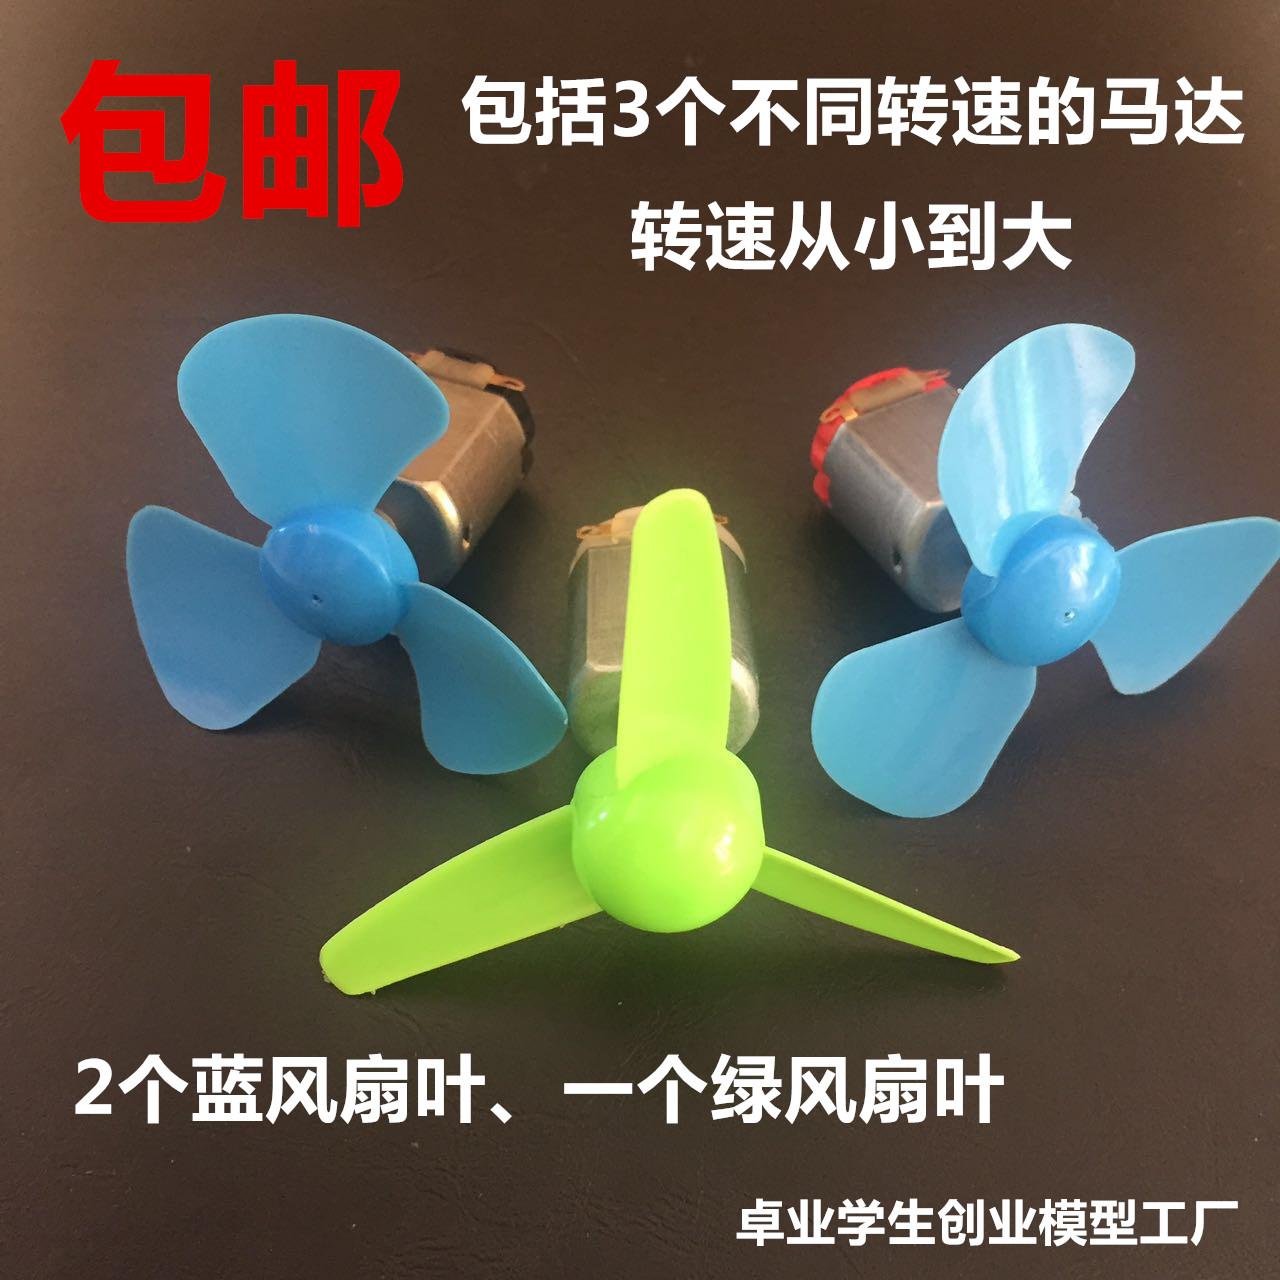 风扇叶马达电机usb小风扇页电风扇低高转速3页3叶3马达厂家包邮